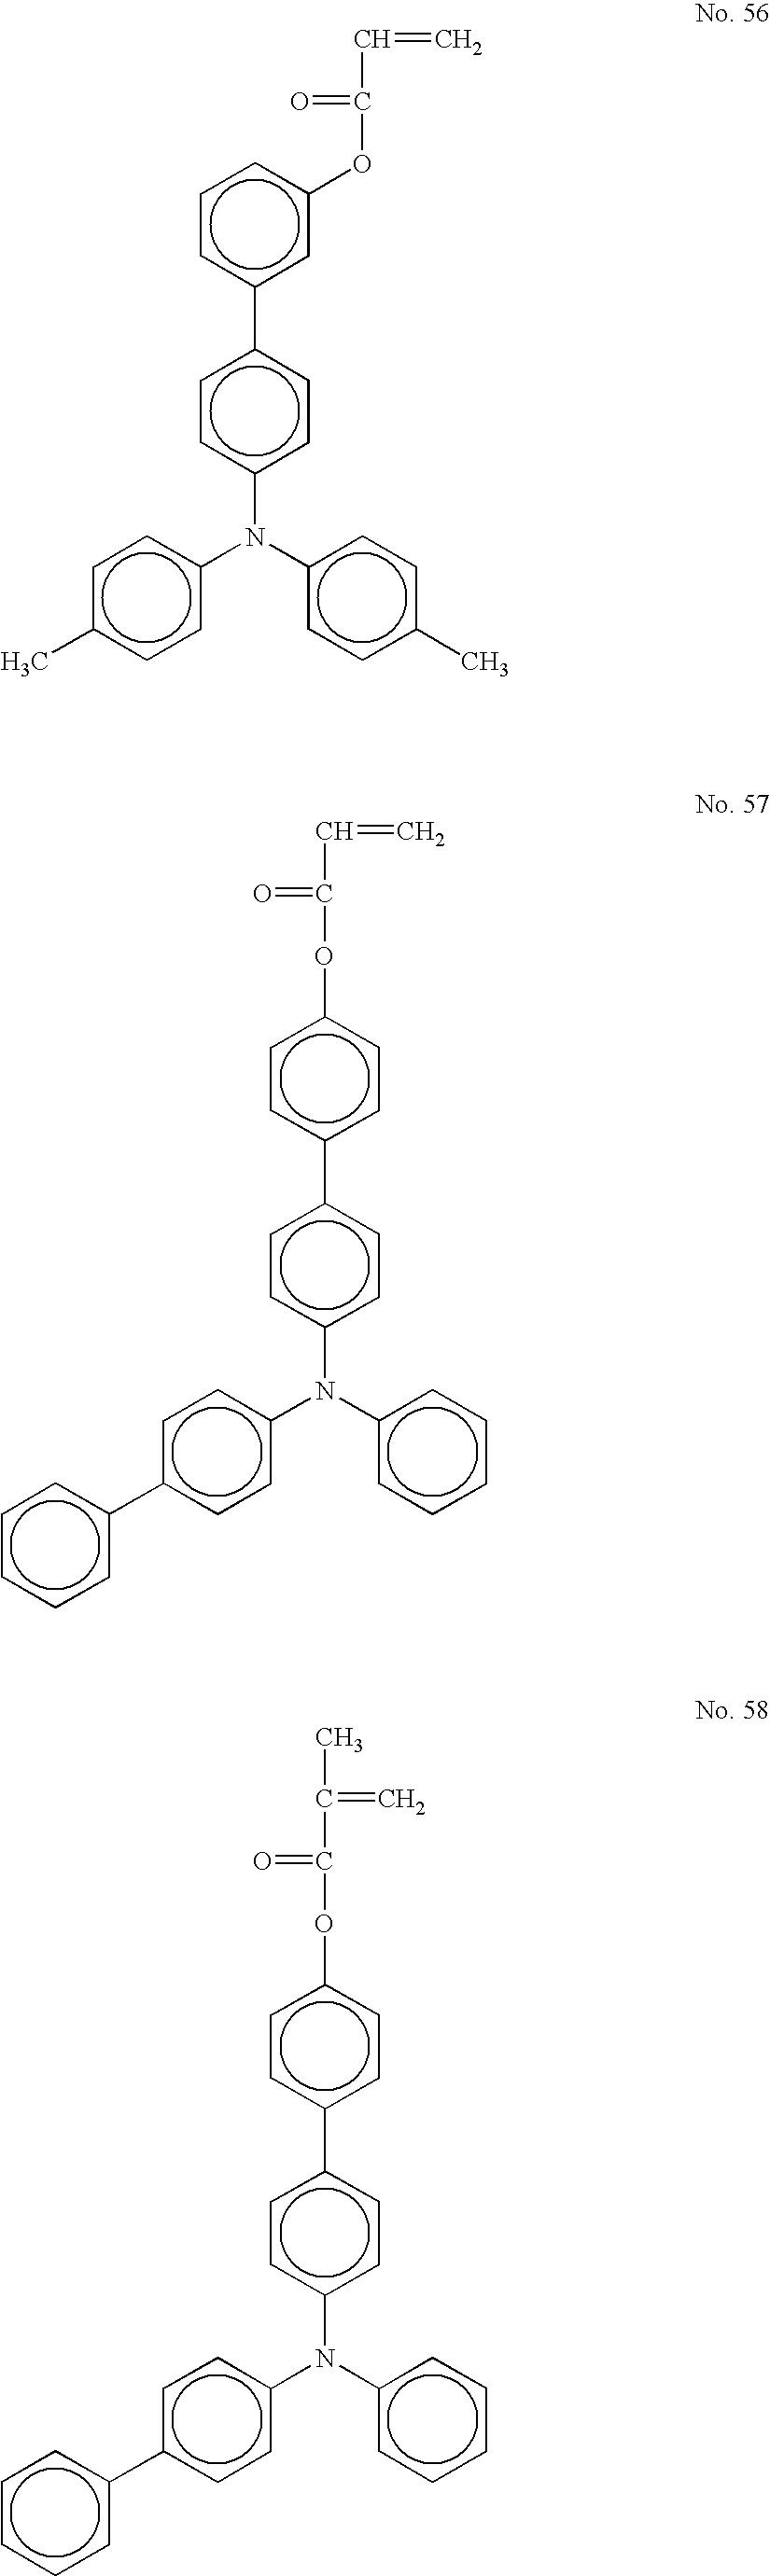 Figure US20050158641A1-20050721-C00032